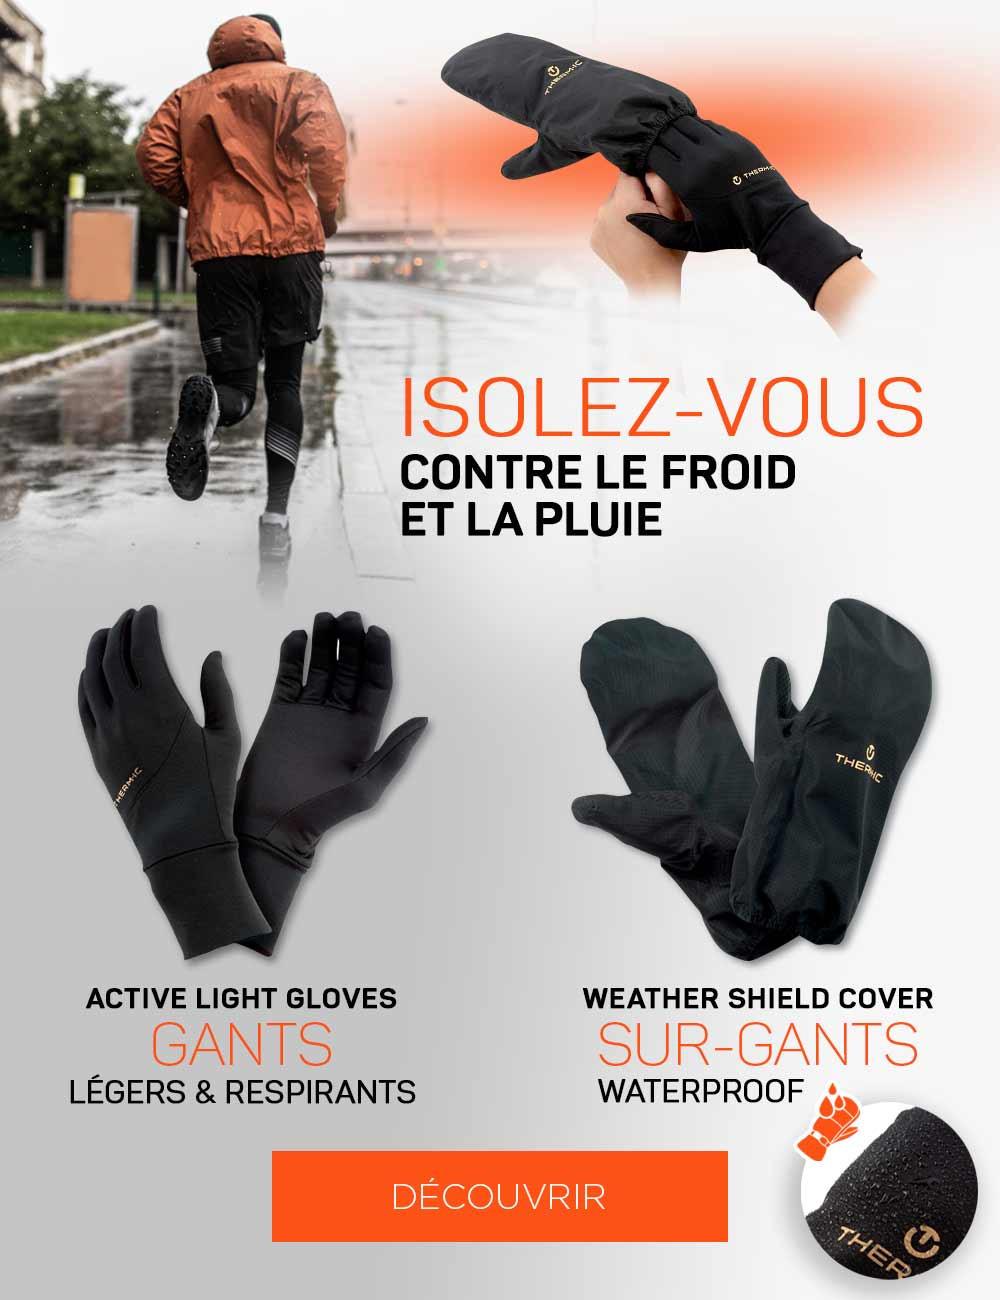 Protégez-vous du froid et de la pluie